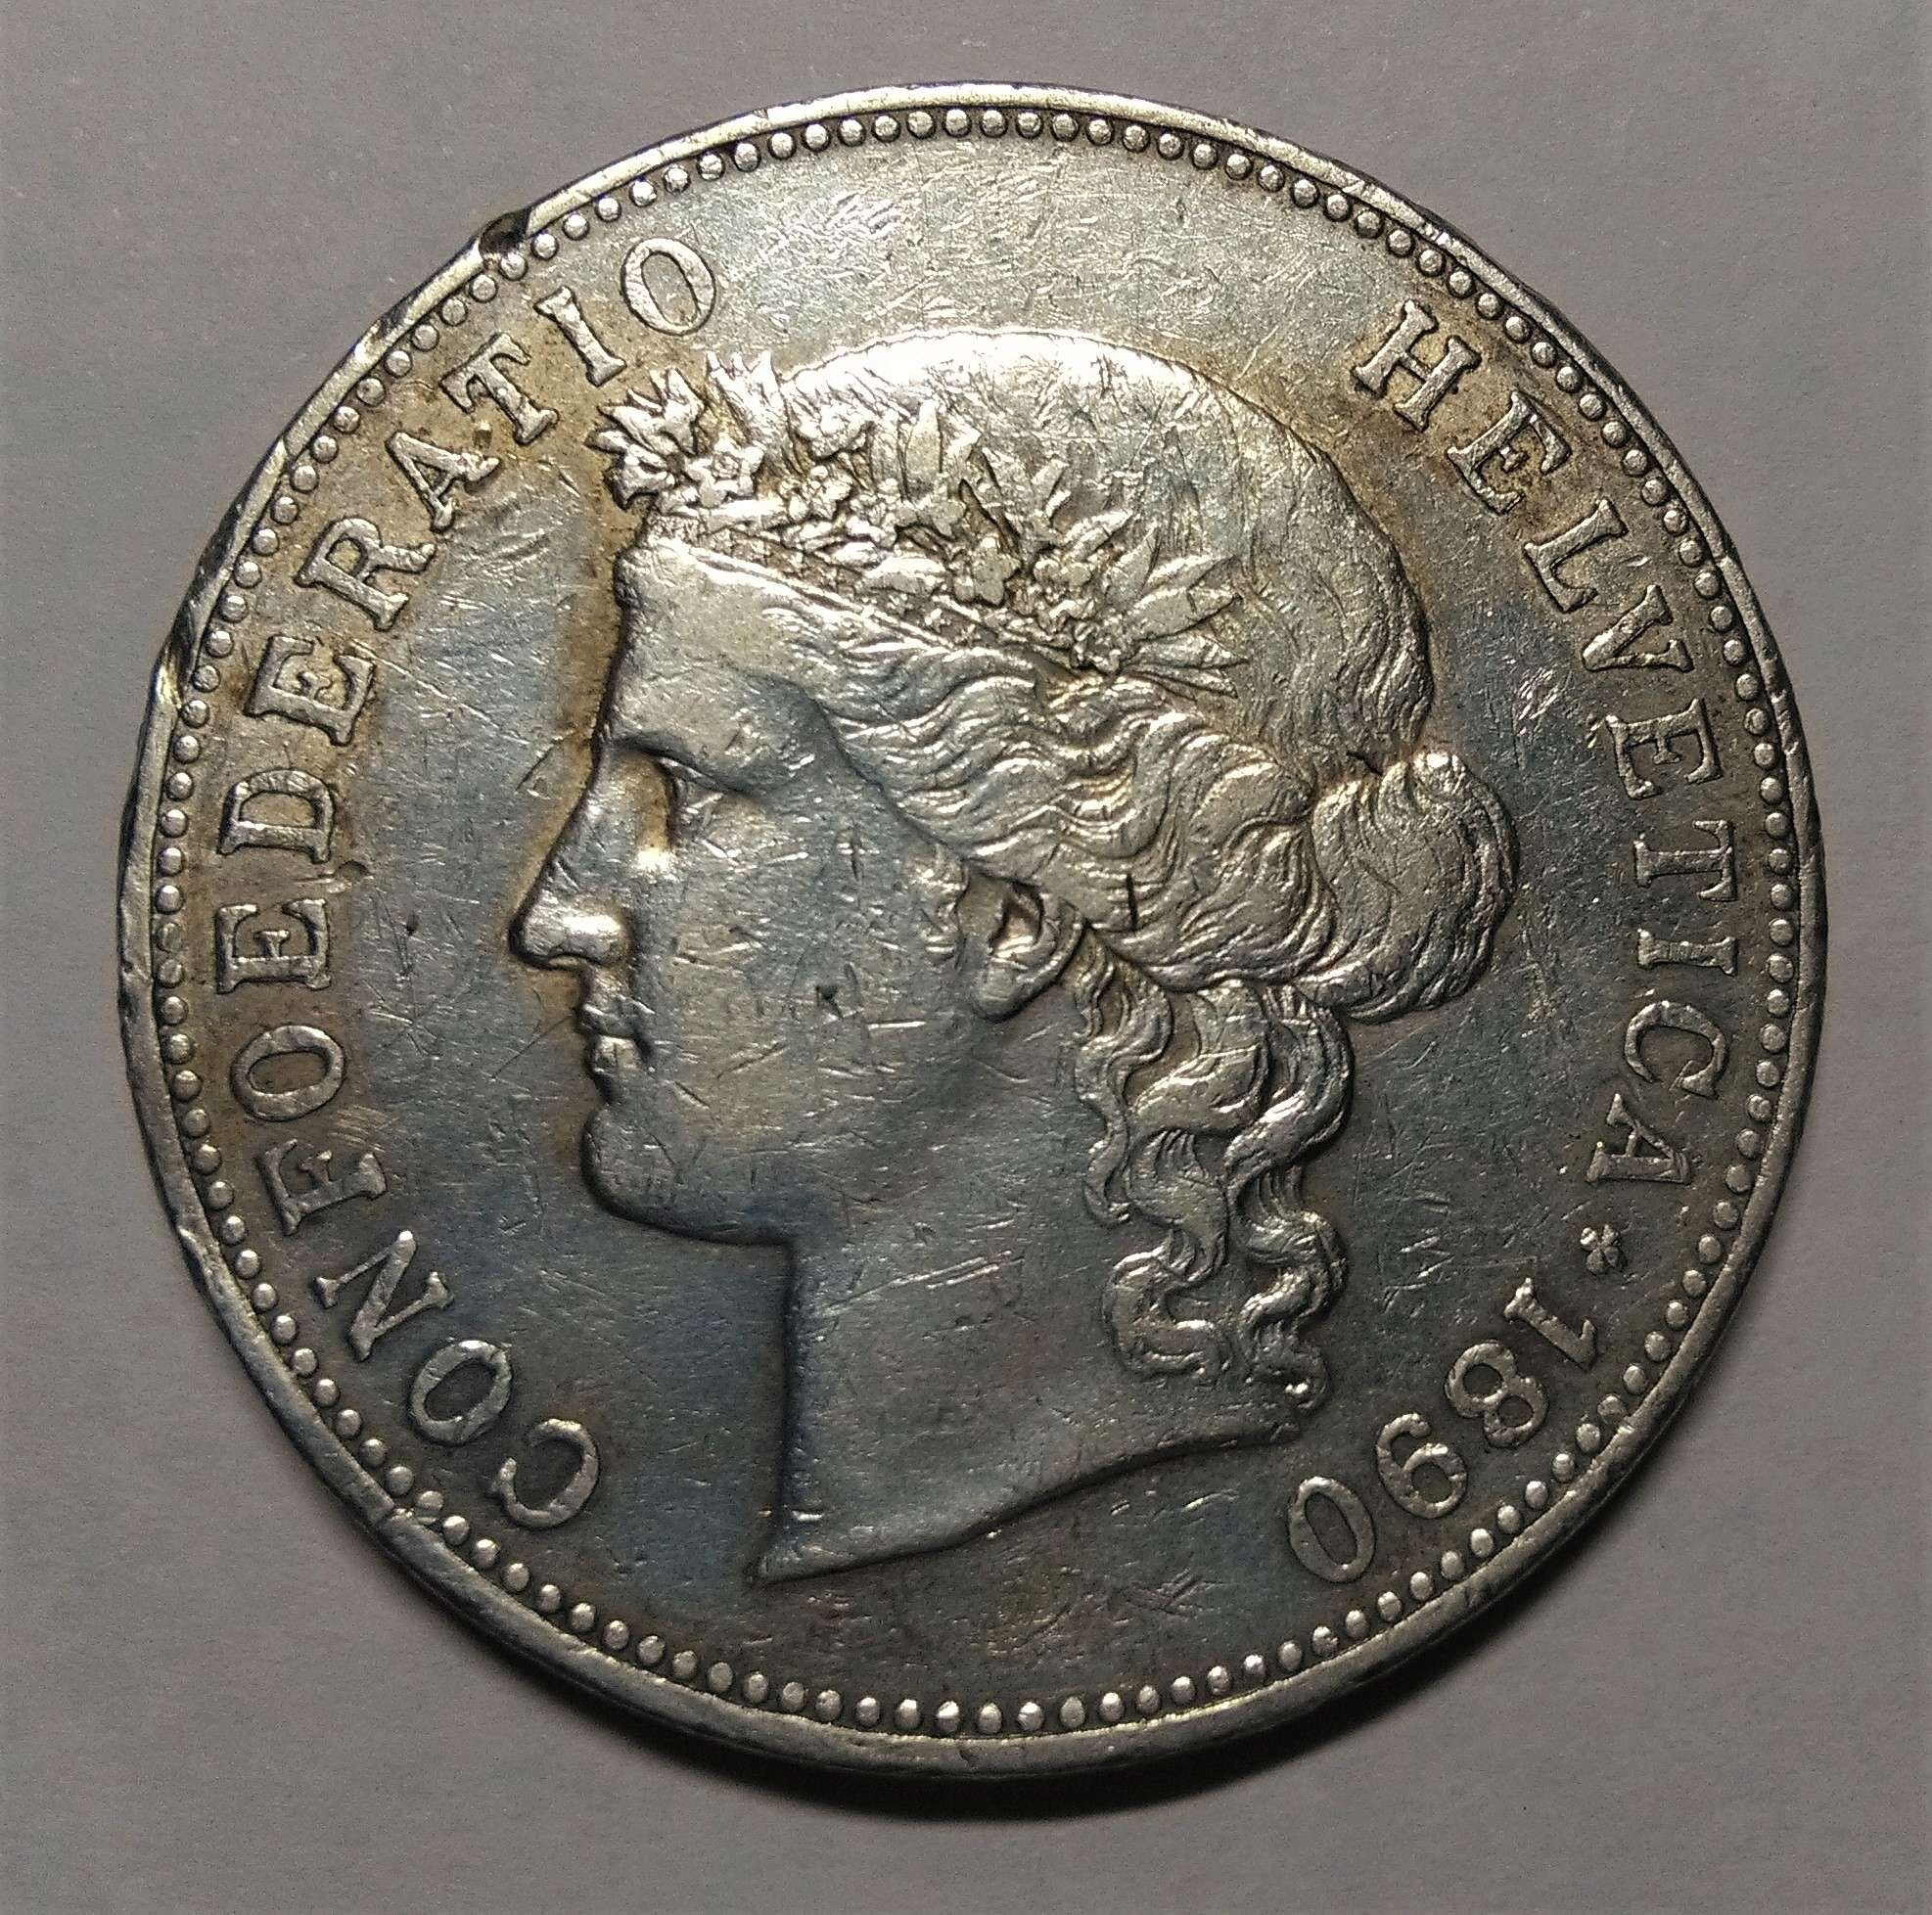 5 Francos - Suiza, 1890 Img_2292